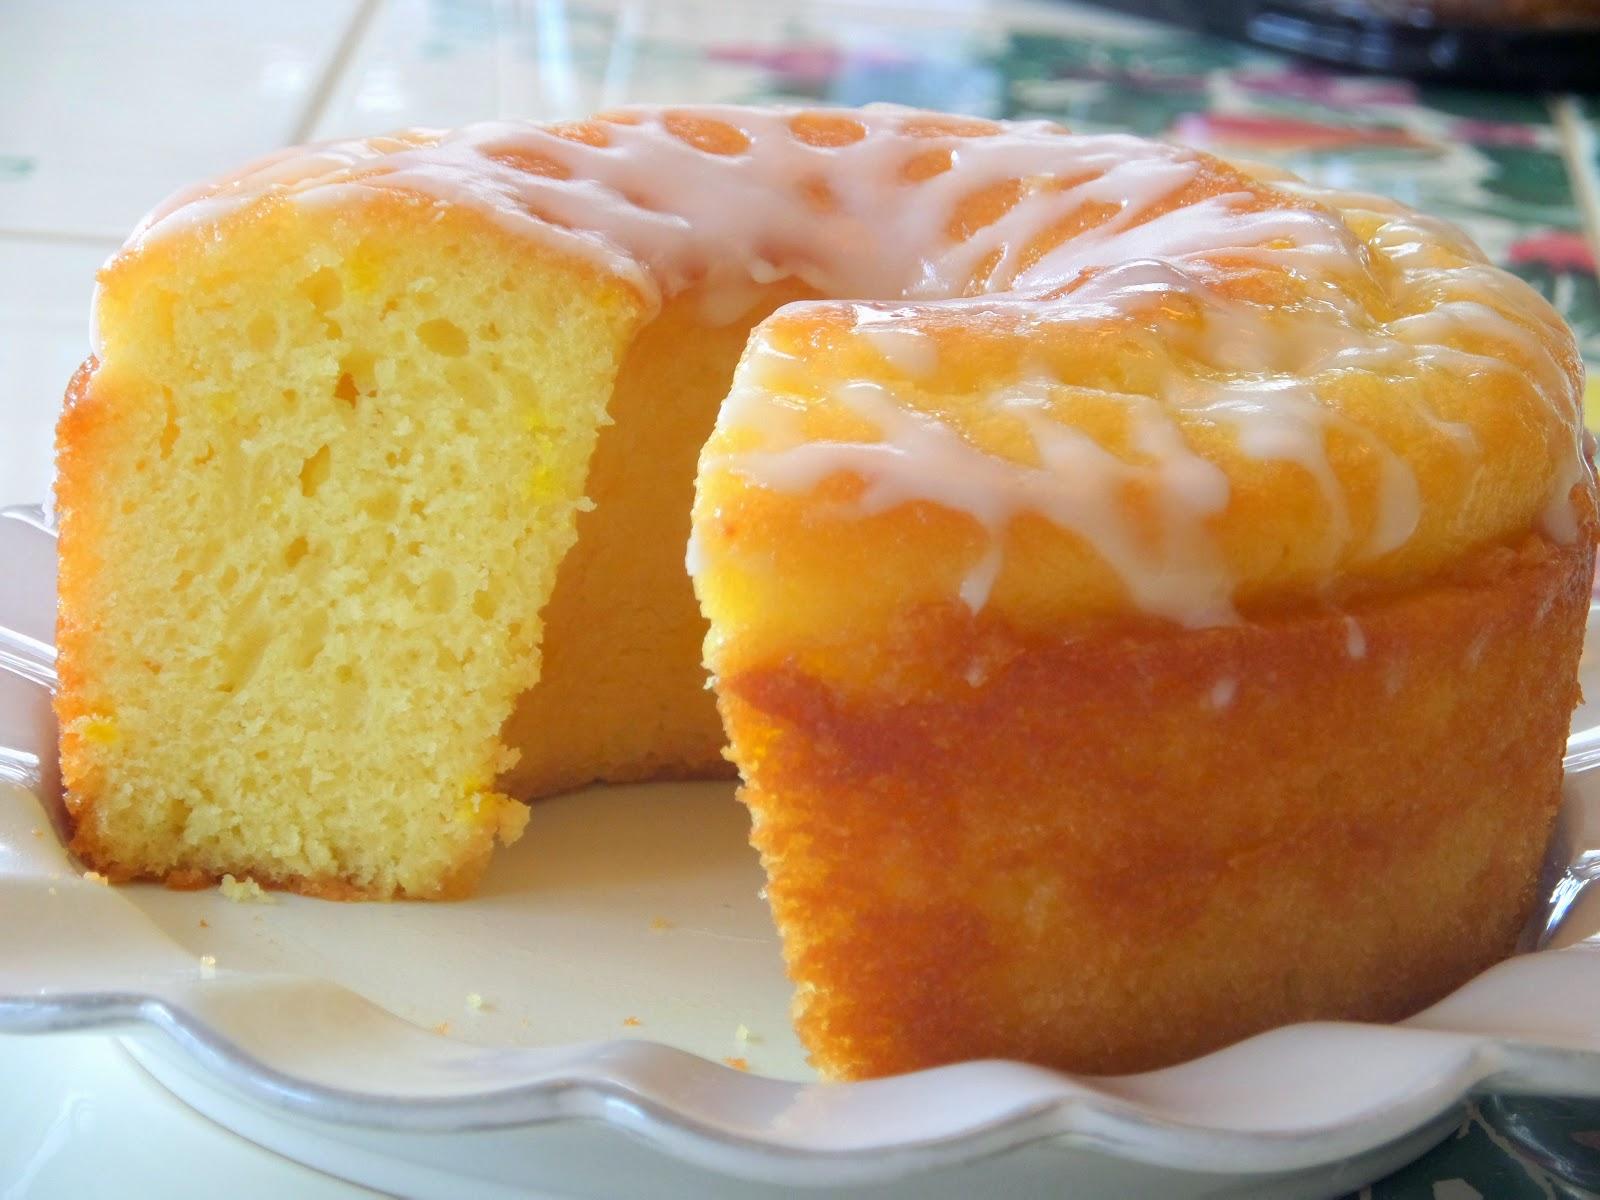 Lemon Glaze Icing For Lemon Pound Cake